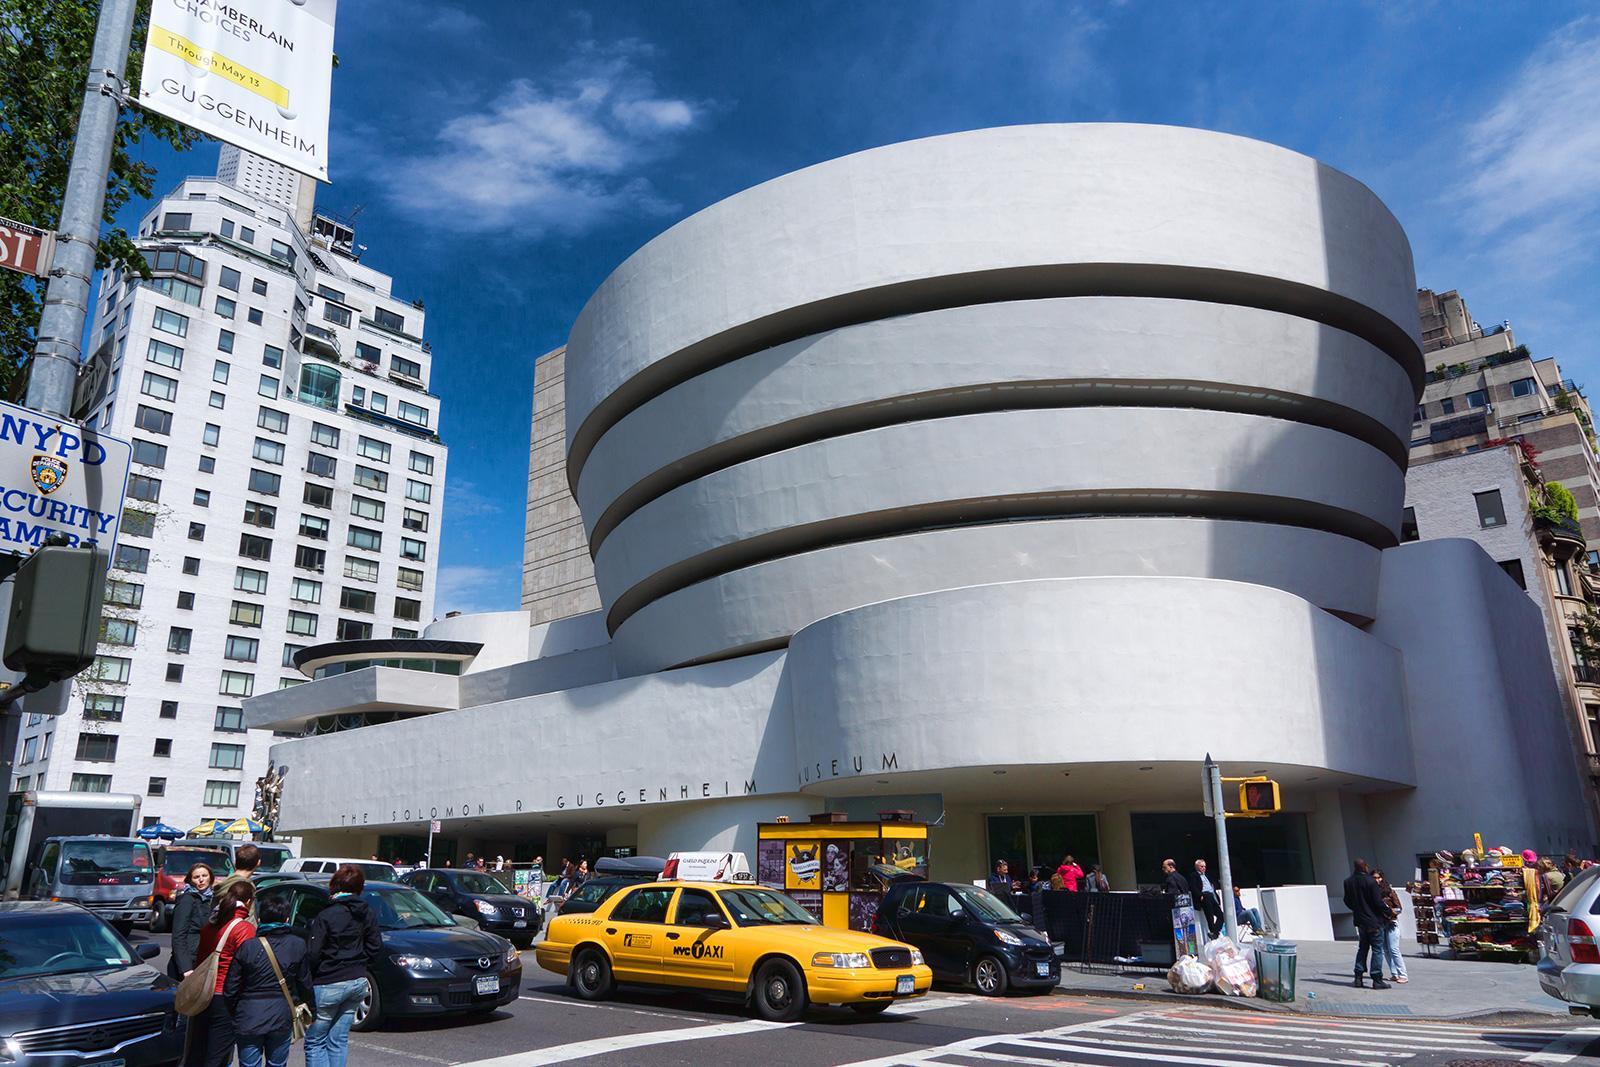 NYC's Guggenheim Museum